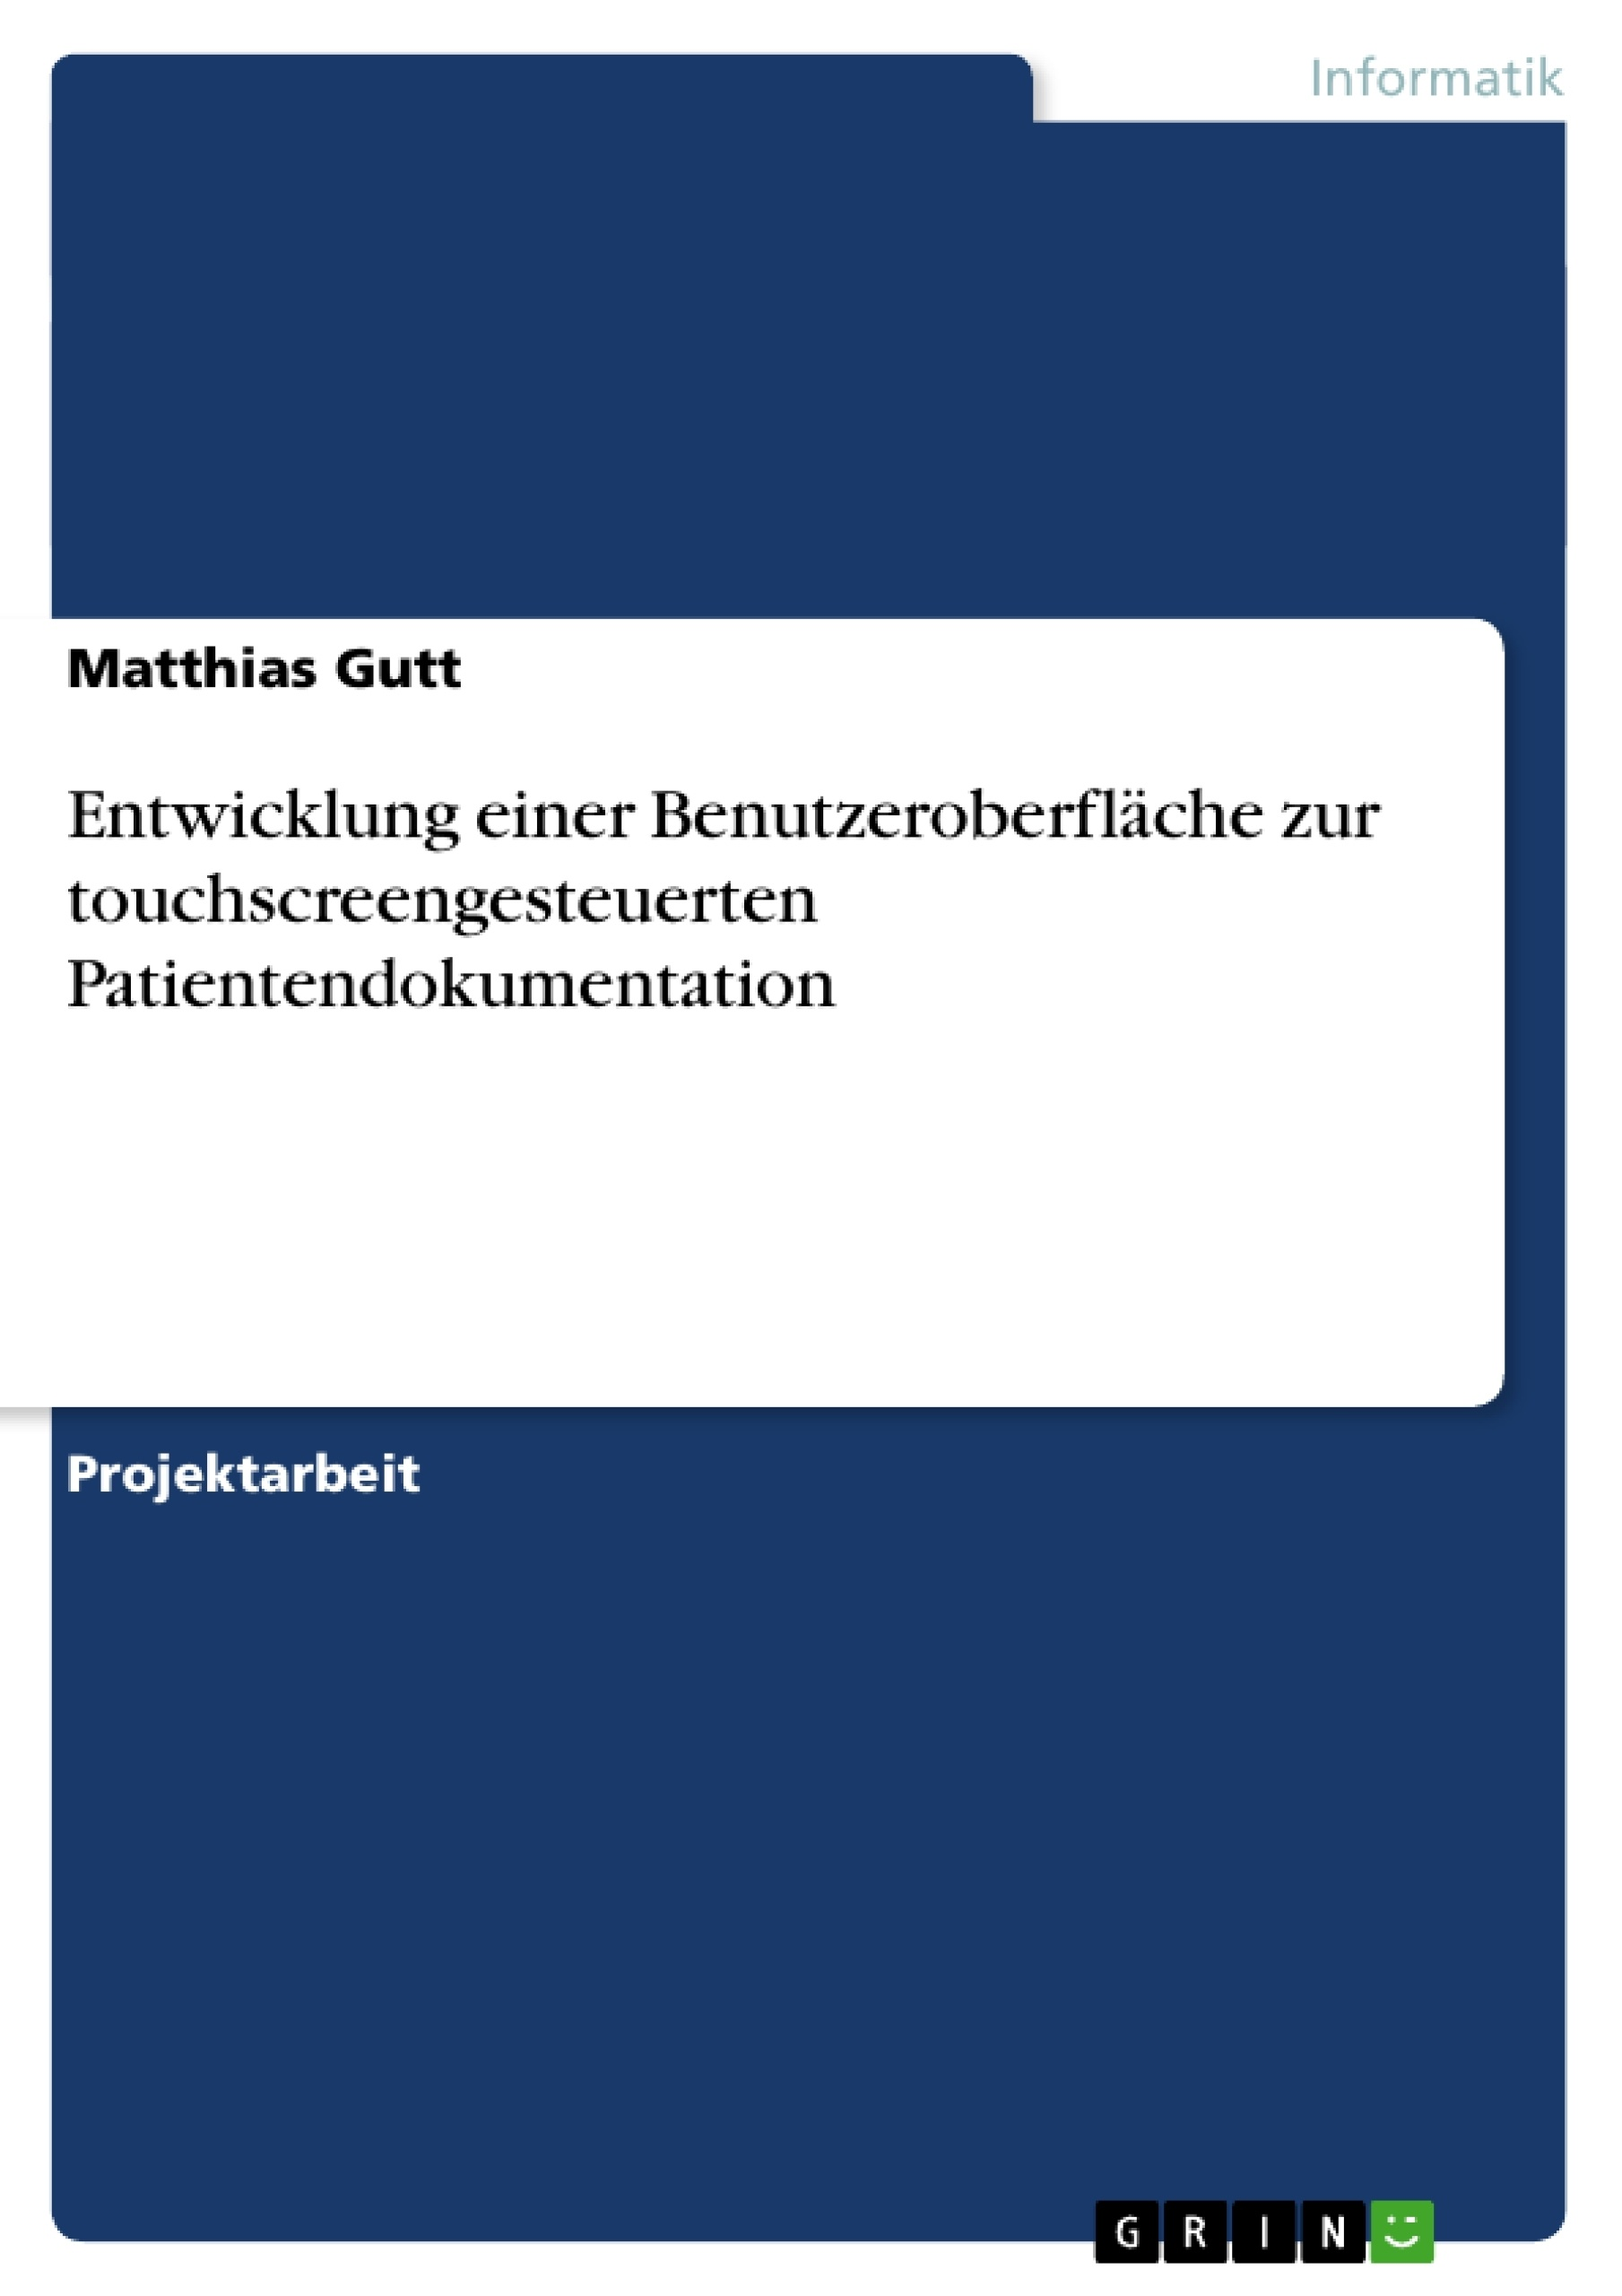 Titel: Entwicklung einer Benutzeroberfläche zur touchscreengesteuerten Patientendokumentation